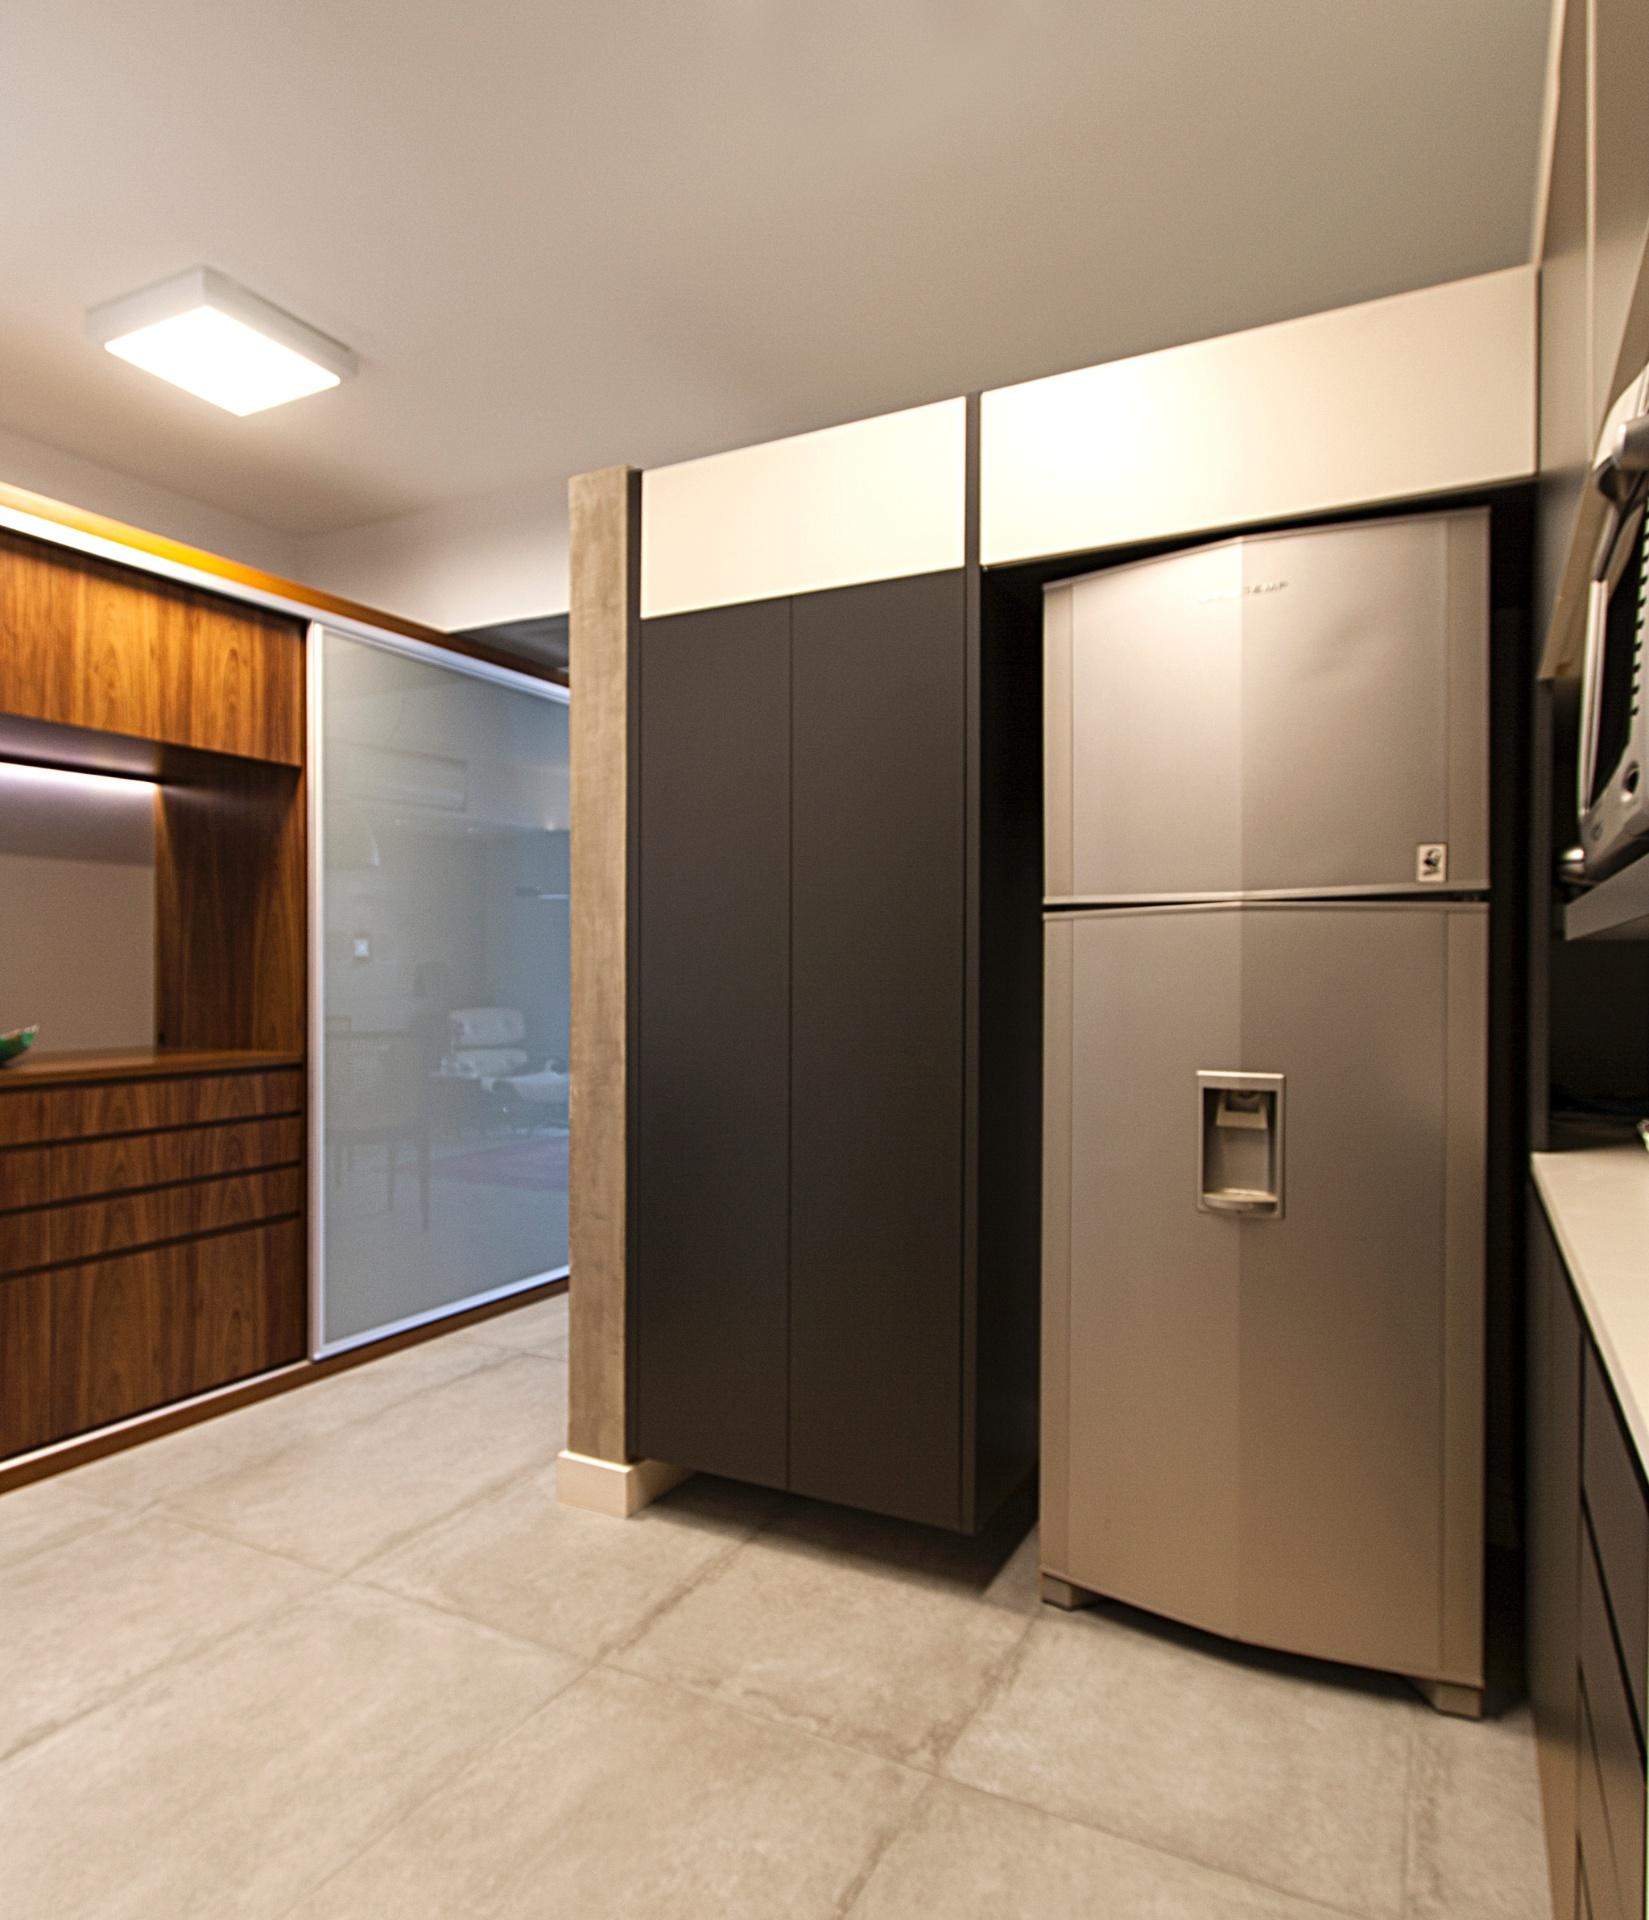 Os equipamentos de cozinha - armários, geladeira e fornos - do apê Raul Poméia, reformado pelo Hiperstudio, ficam escondidos atrás da parede que a separa da sala de jantar. O revestimento dos armários é em laminado melamínico nos padrões branco e petróleo (Eco Wood). Apesar de integrada com a sala, não é possível ver a cozinha à partir da mesa para refeições, pois a ligação se dá por um zigue-zague entre paredes recortadas e rentes